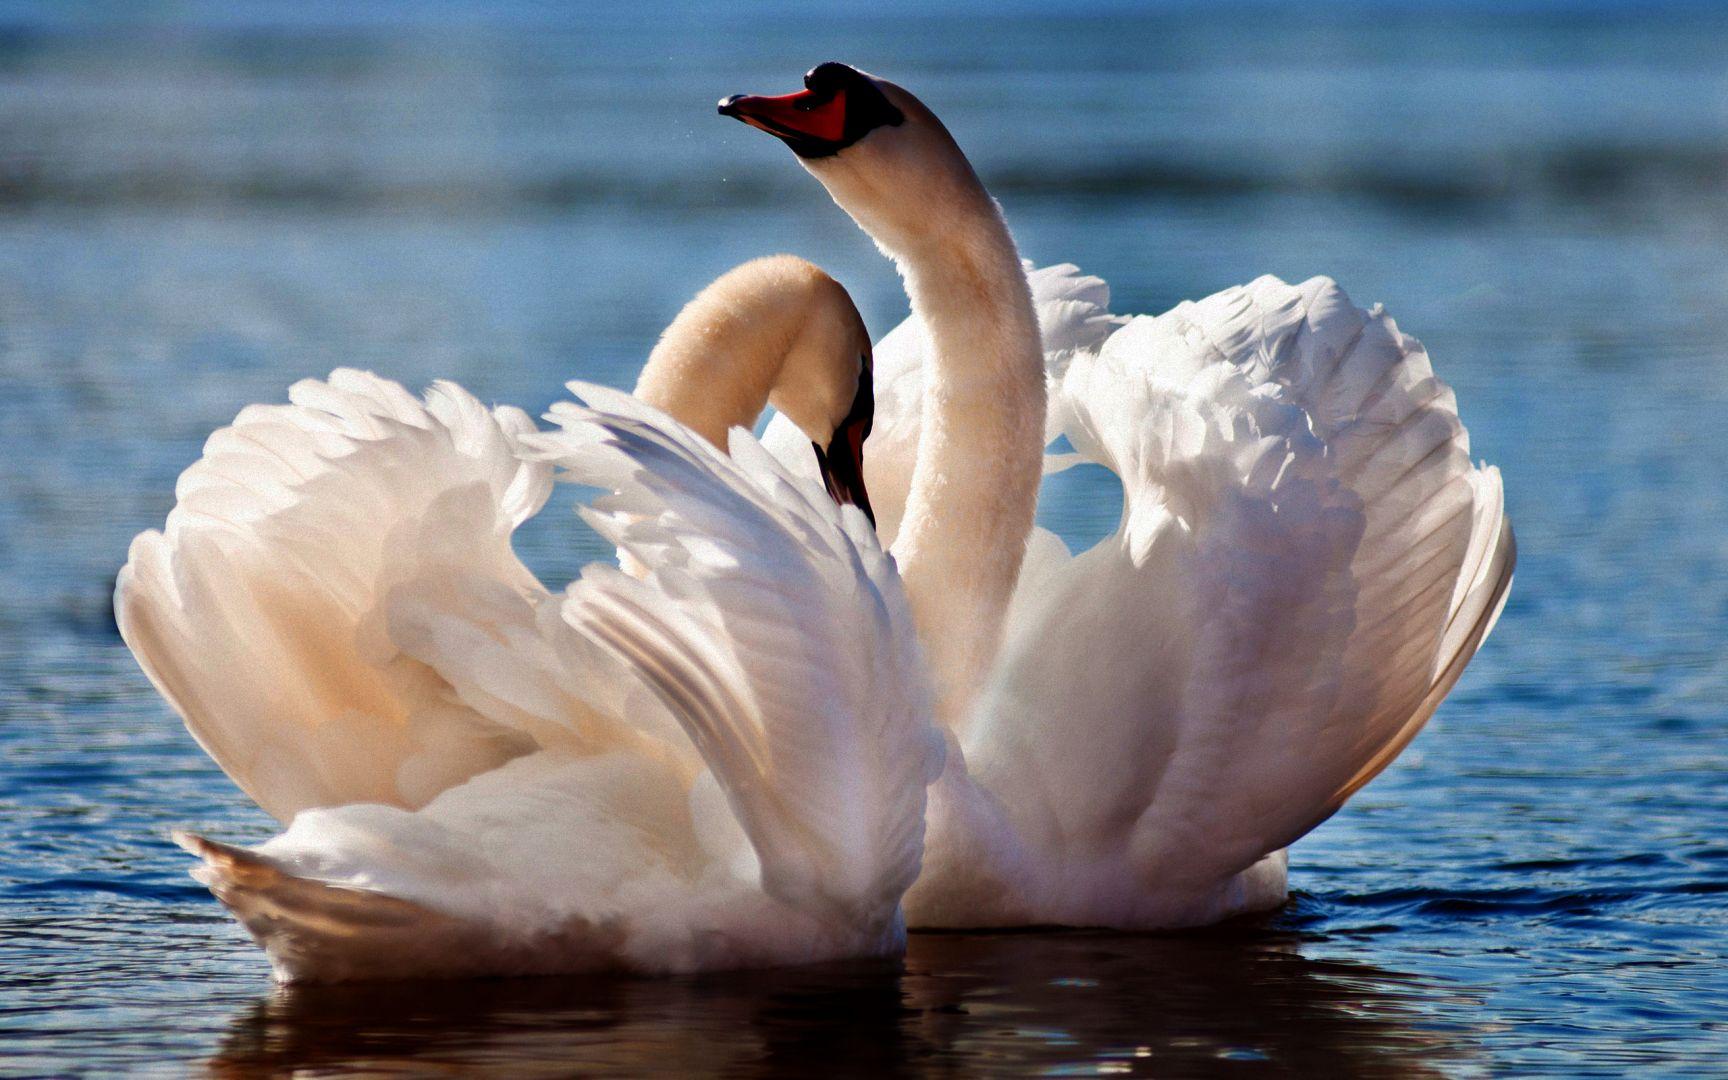 чтоб города фразы для фото с лебедями силу своей